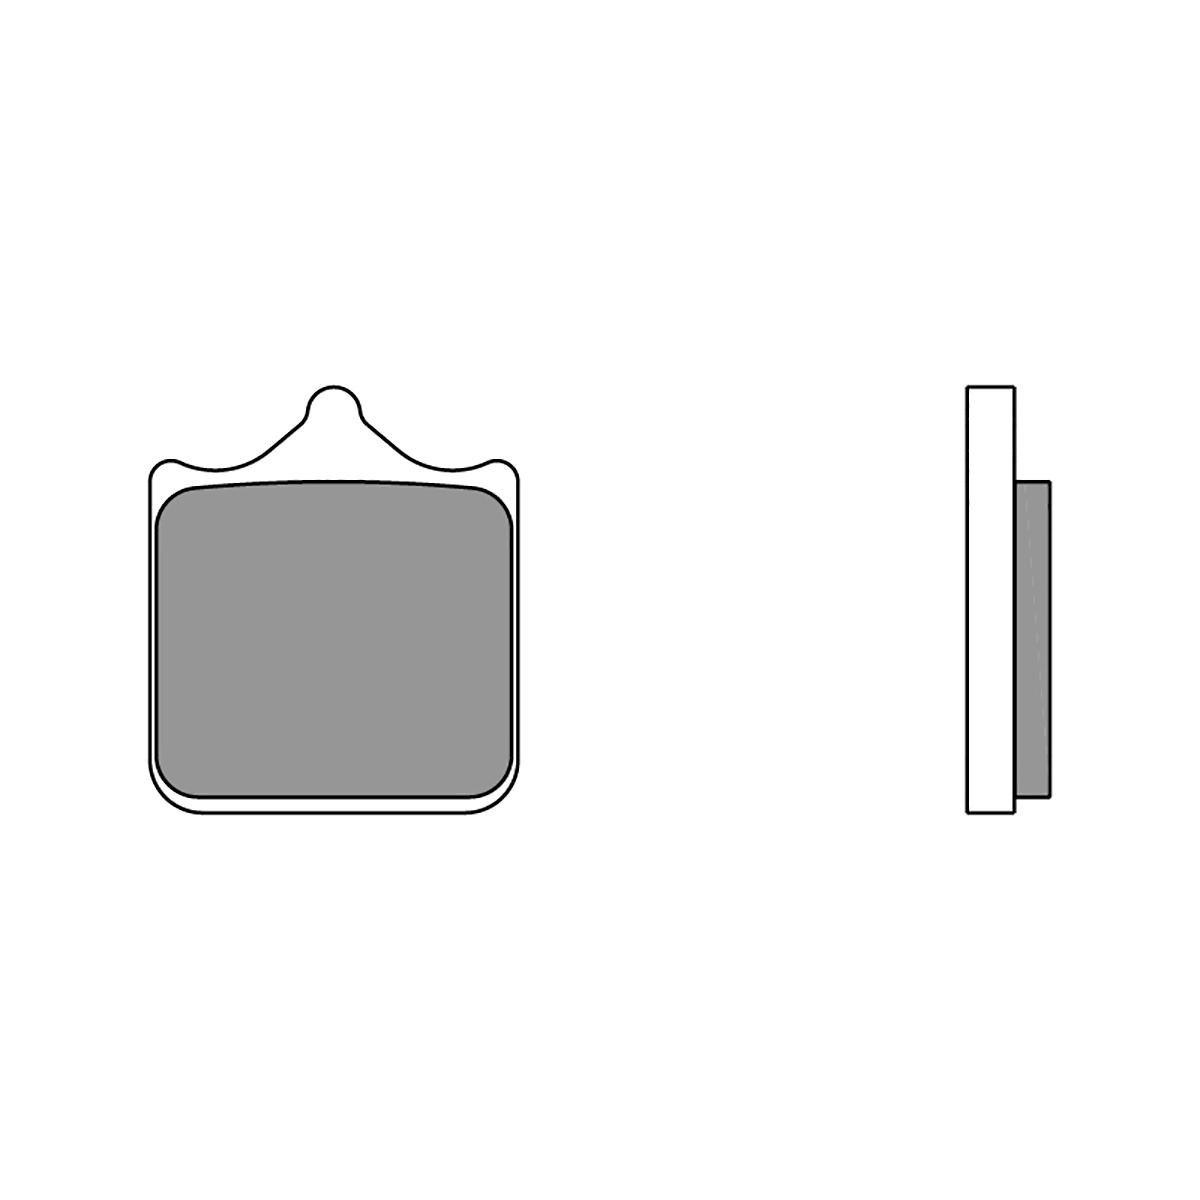 07BB33LA Pastillas Brembo Freno Delantero 07BB33LA para Ktm SMC R ABS 690 2014 > 2020